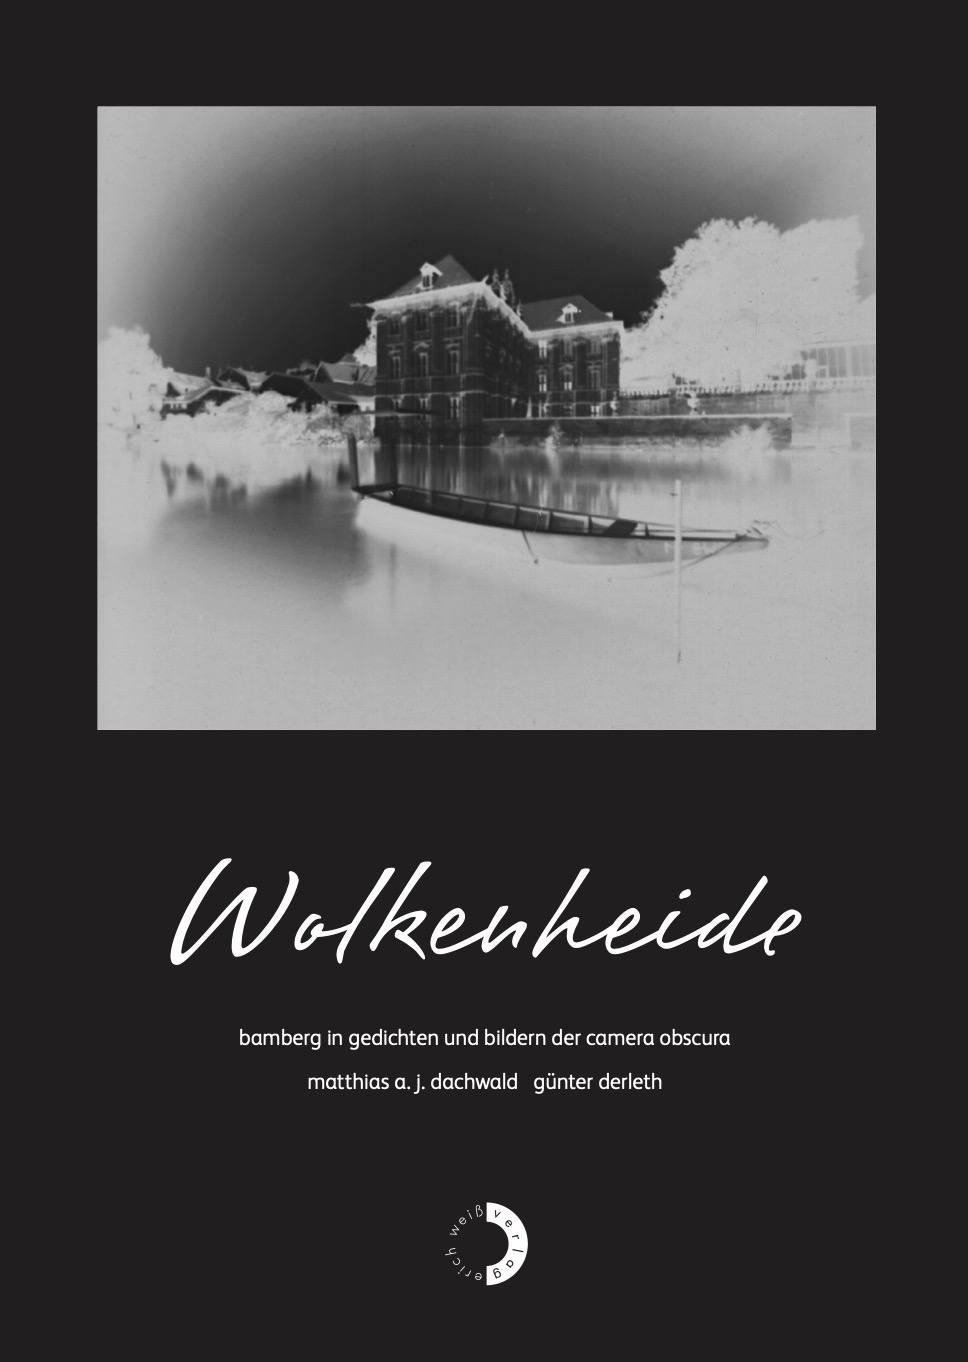 Matthias A. J. Dachwald / Günter Derleth - Wolkenheide